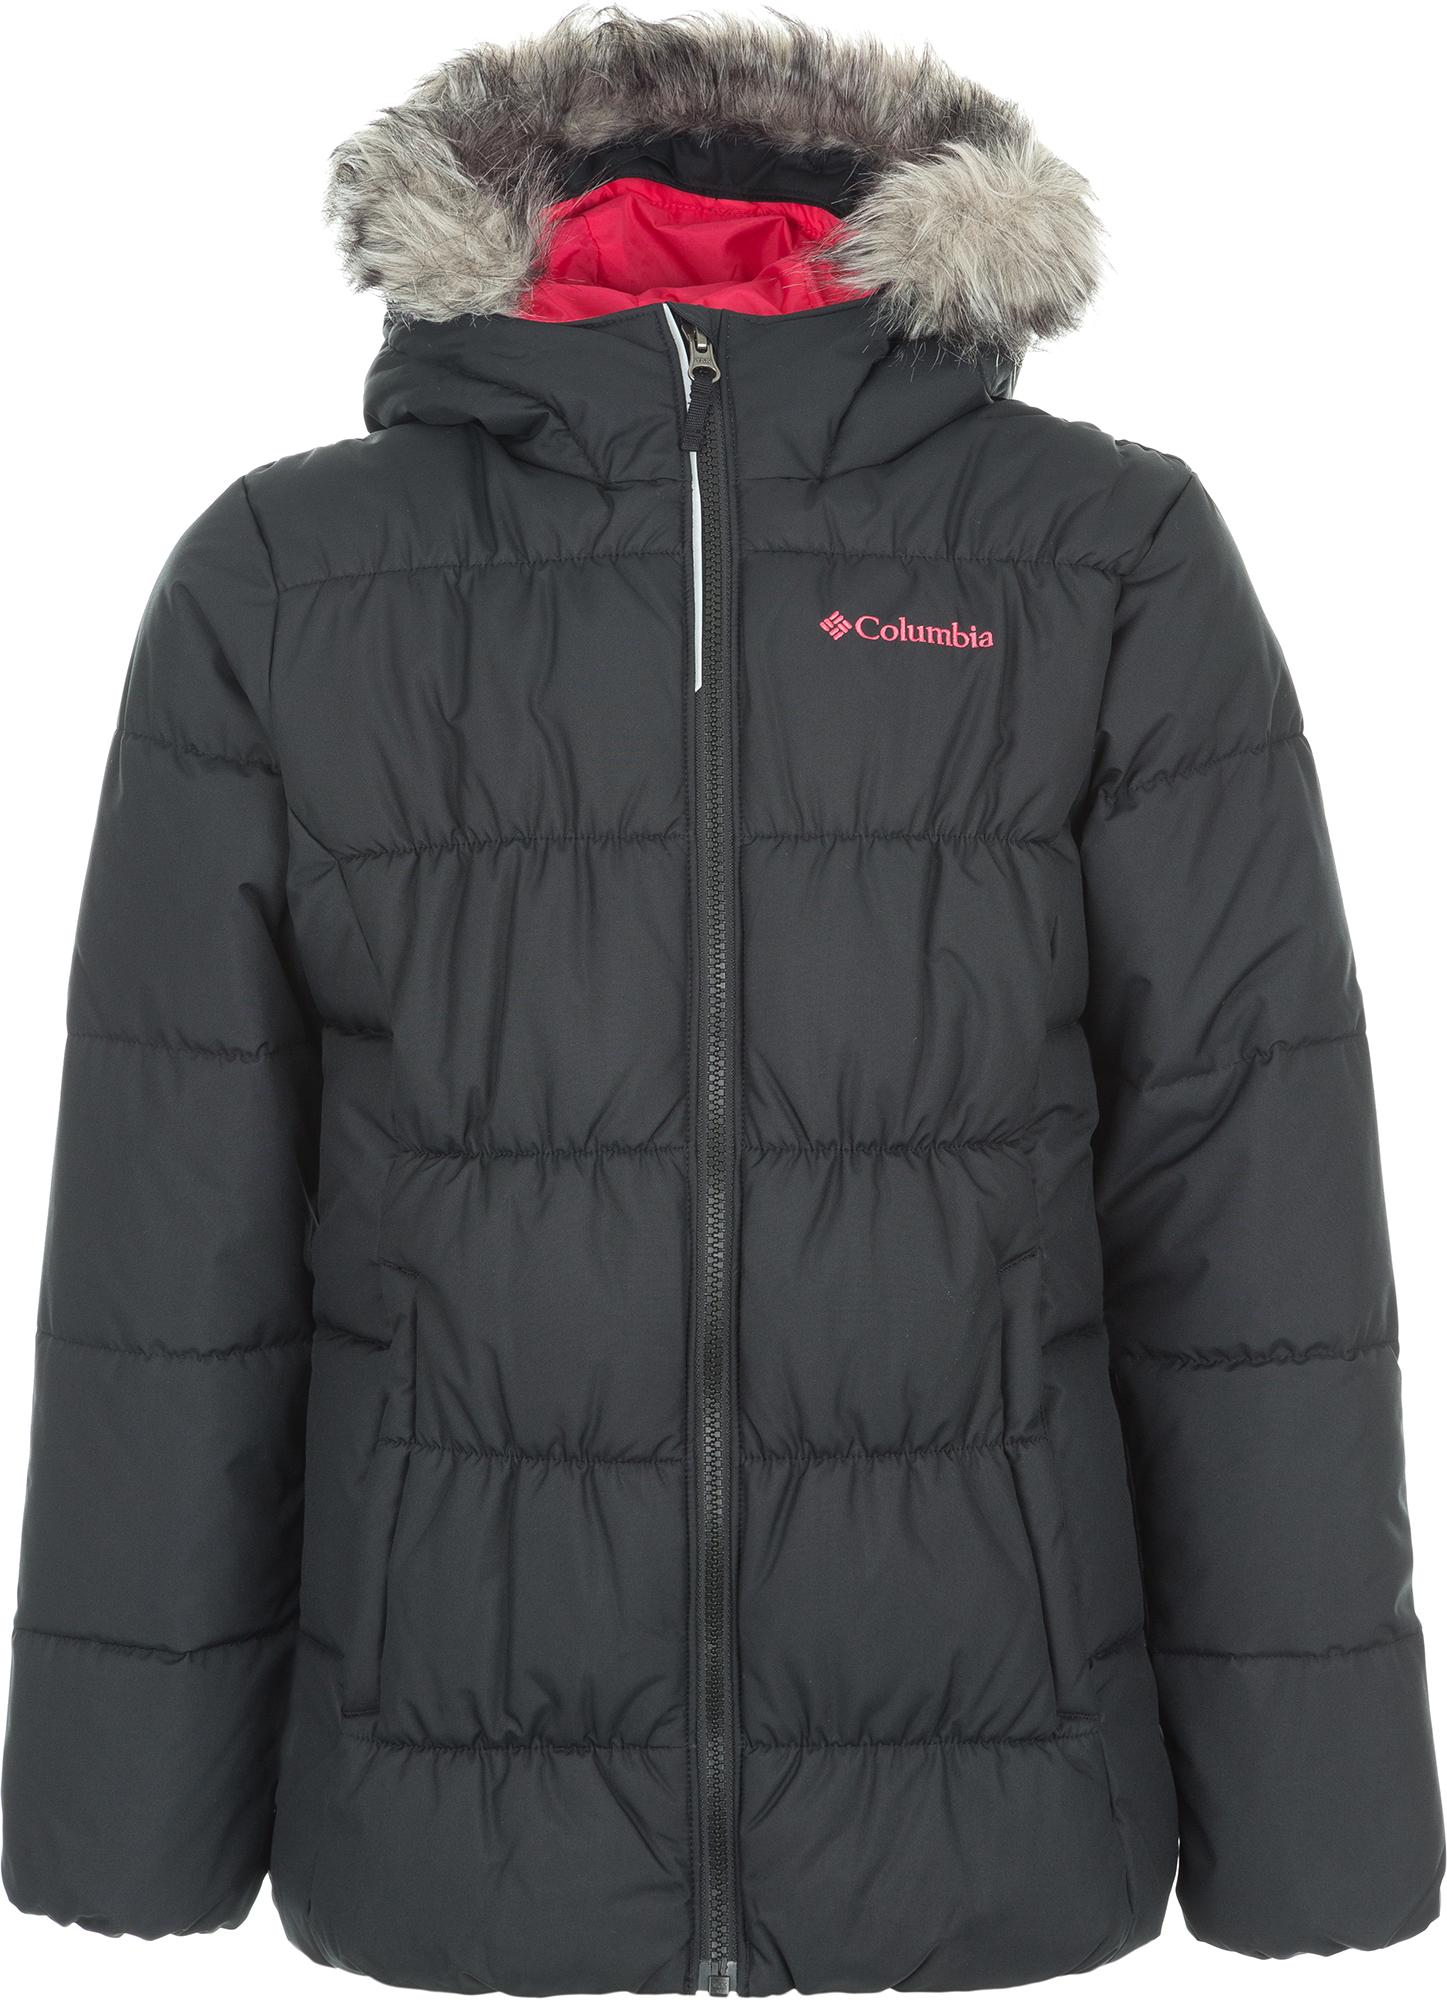 Columbia Куртка утепленная для девочек Columbia Gyroslope columbia куртка утепленная для девочек columbia horizon ride